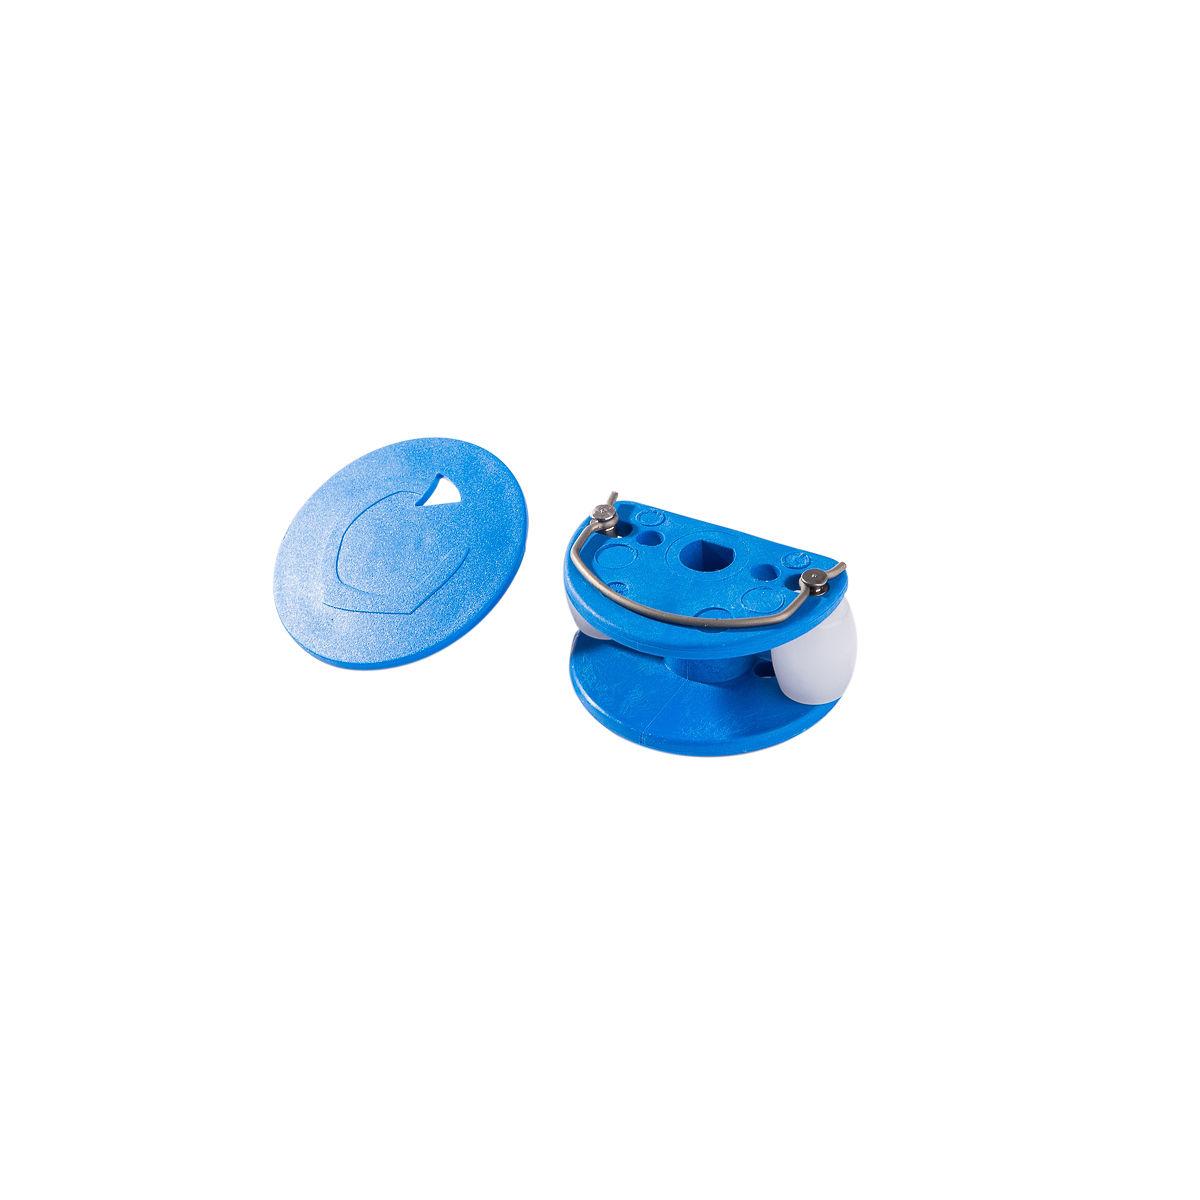 Rotor komplett für Schlauchpumpe